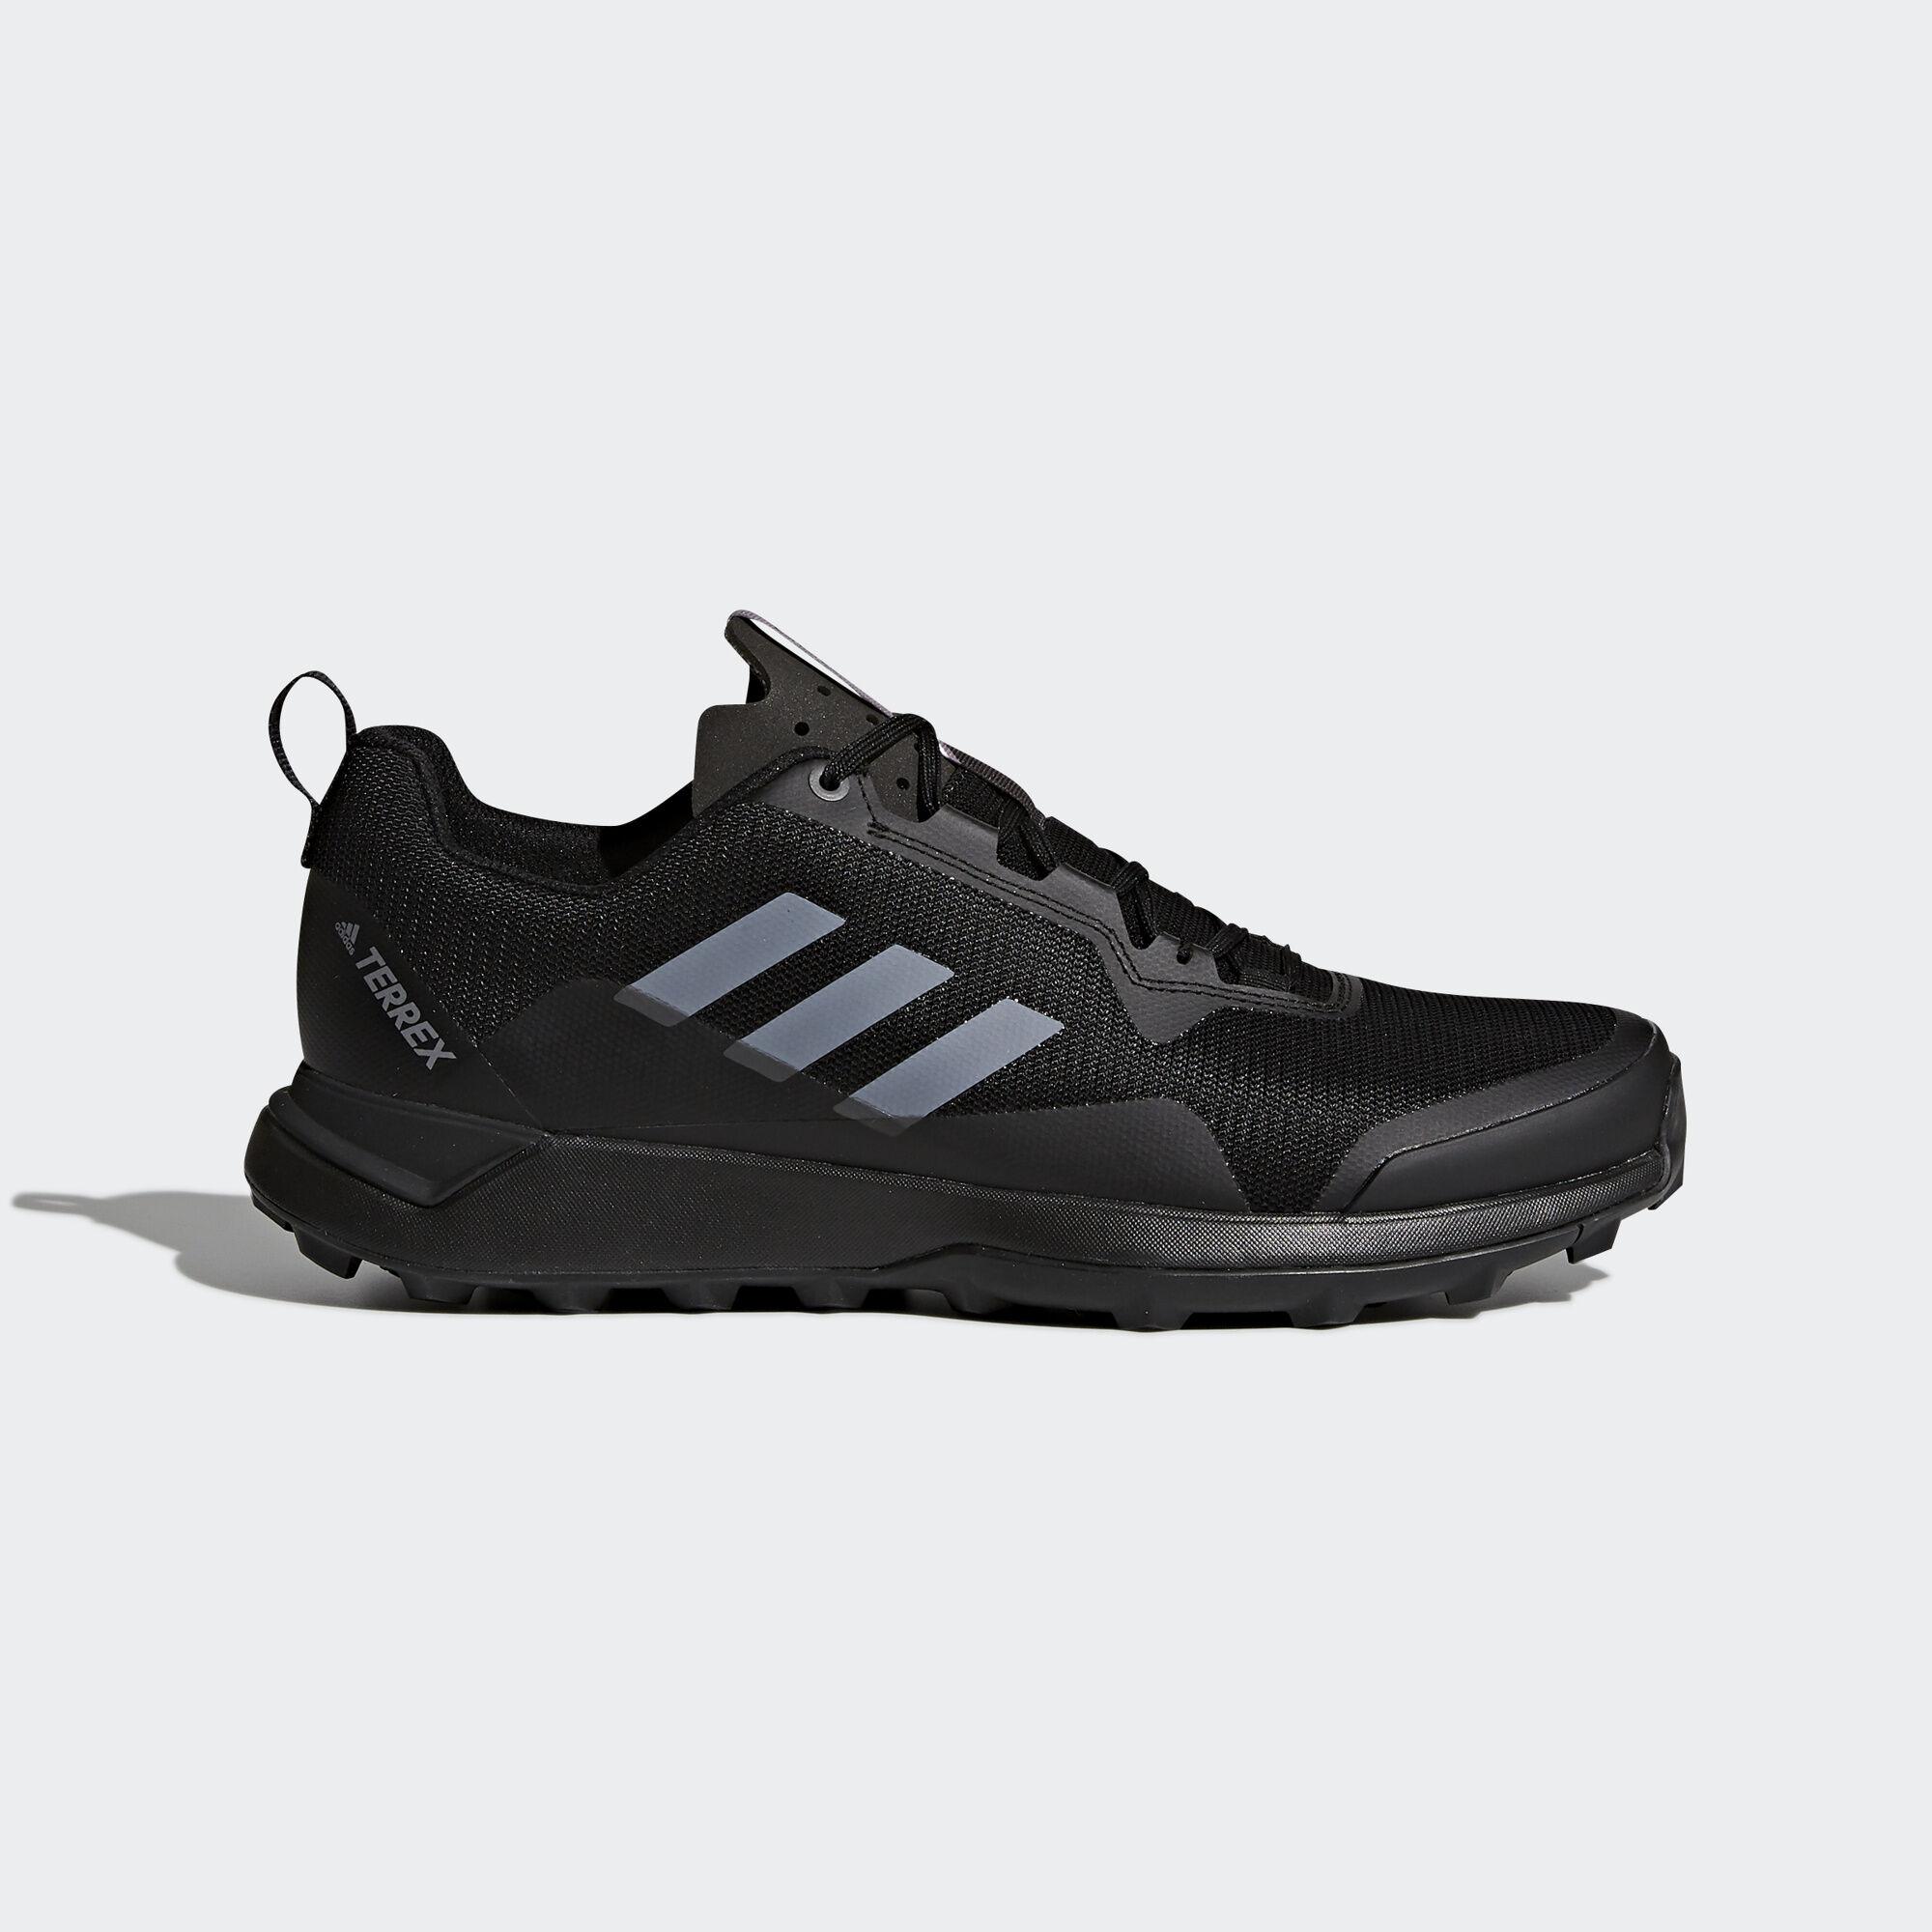 869e305c190d adidas TERREX CMTK Shoes - Μαύρο